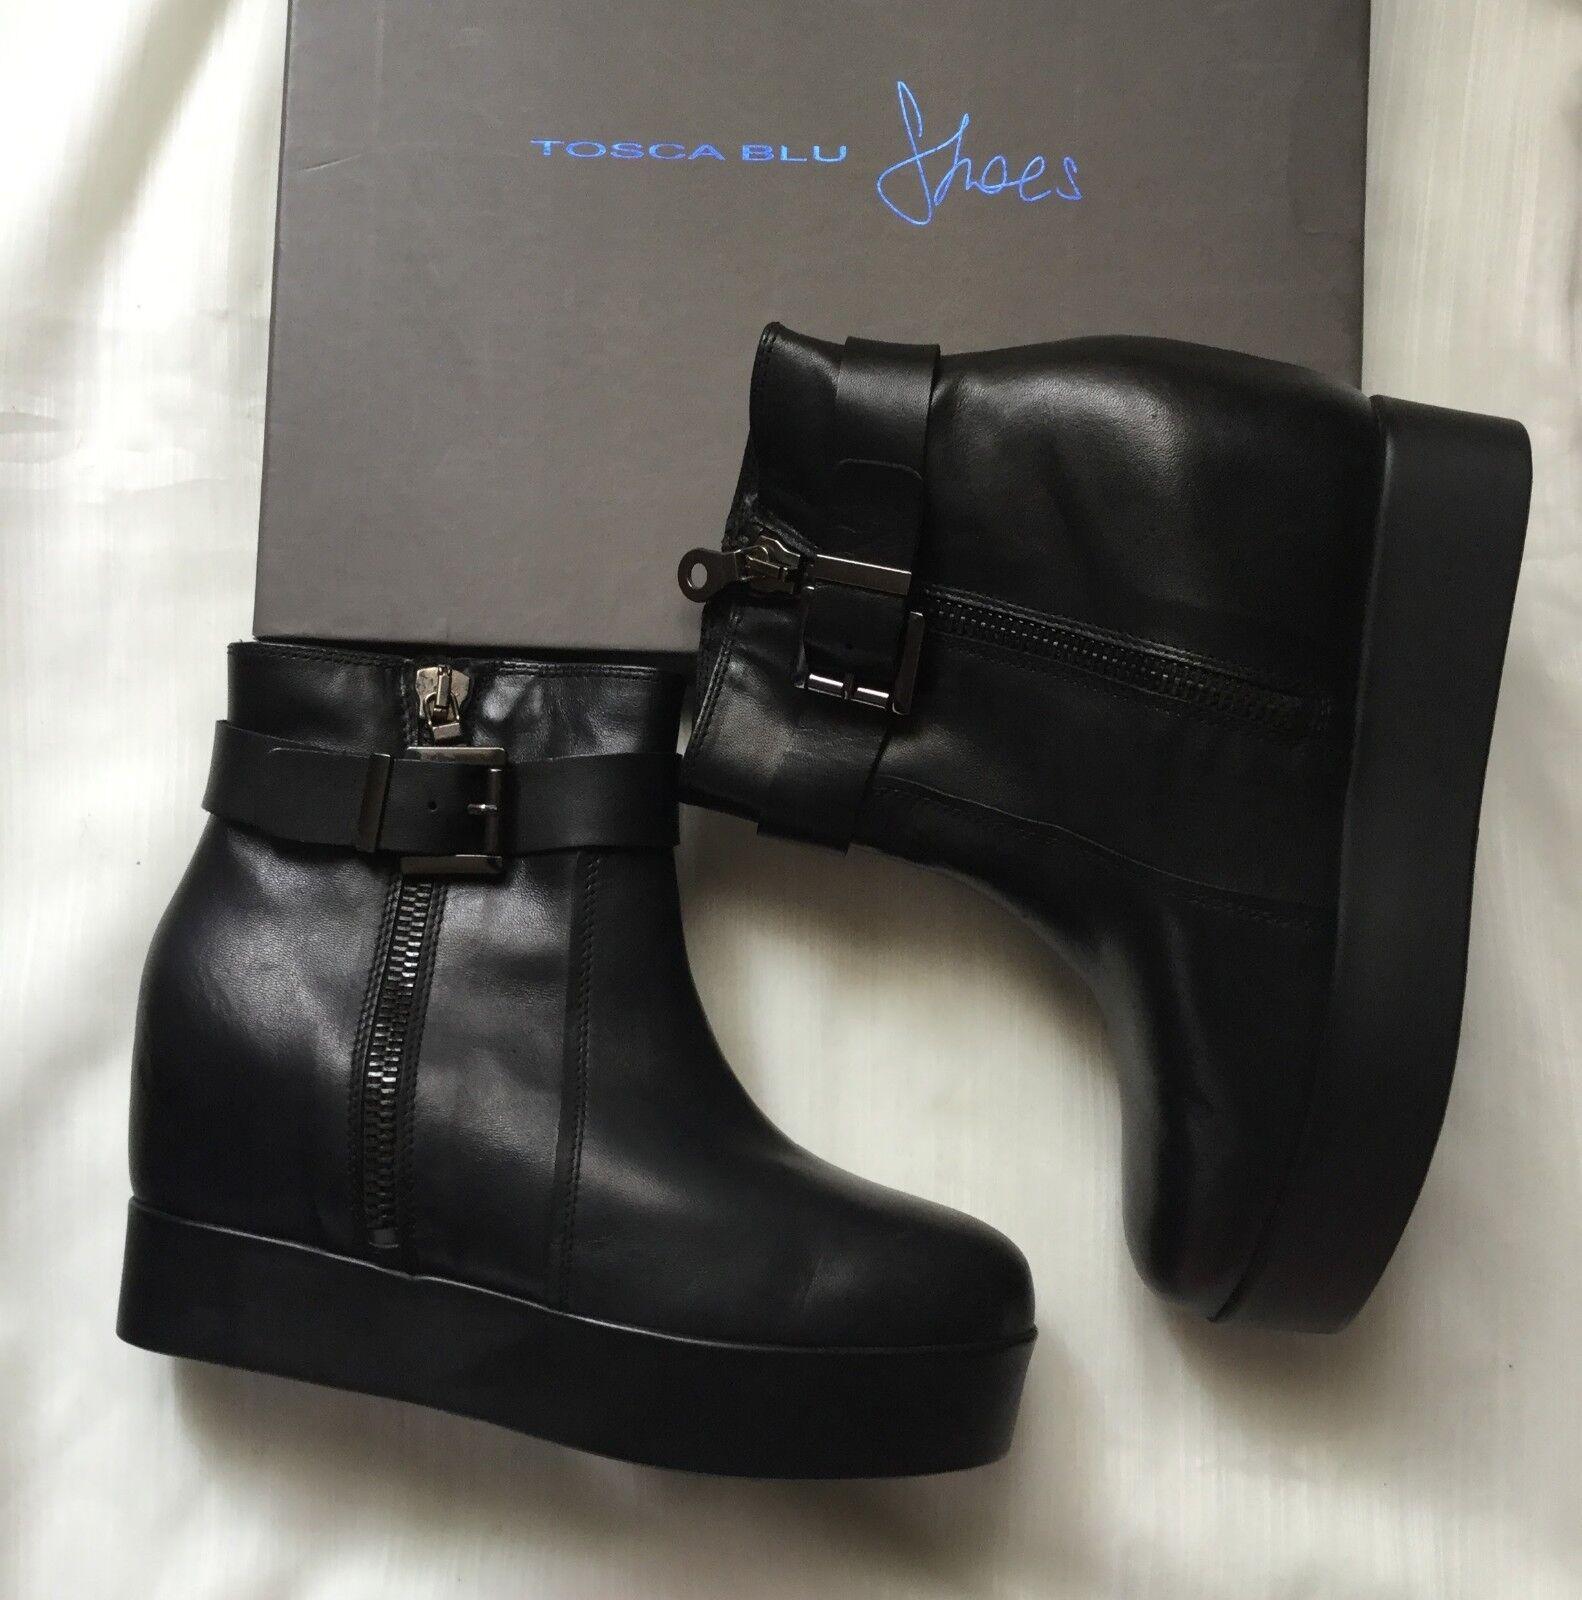 Trendy boots TOSCA blue Women, black black black color, size  40, wedge  Stivaletti alla moda 46591e